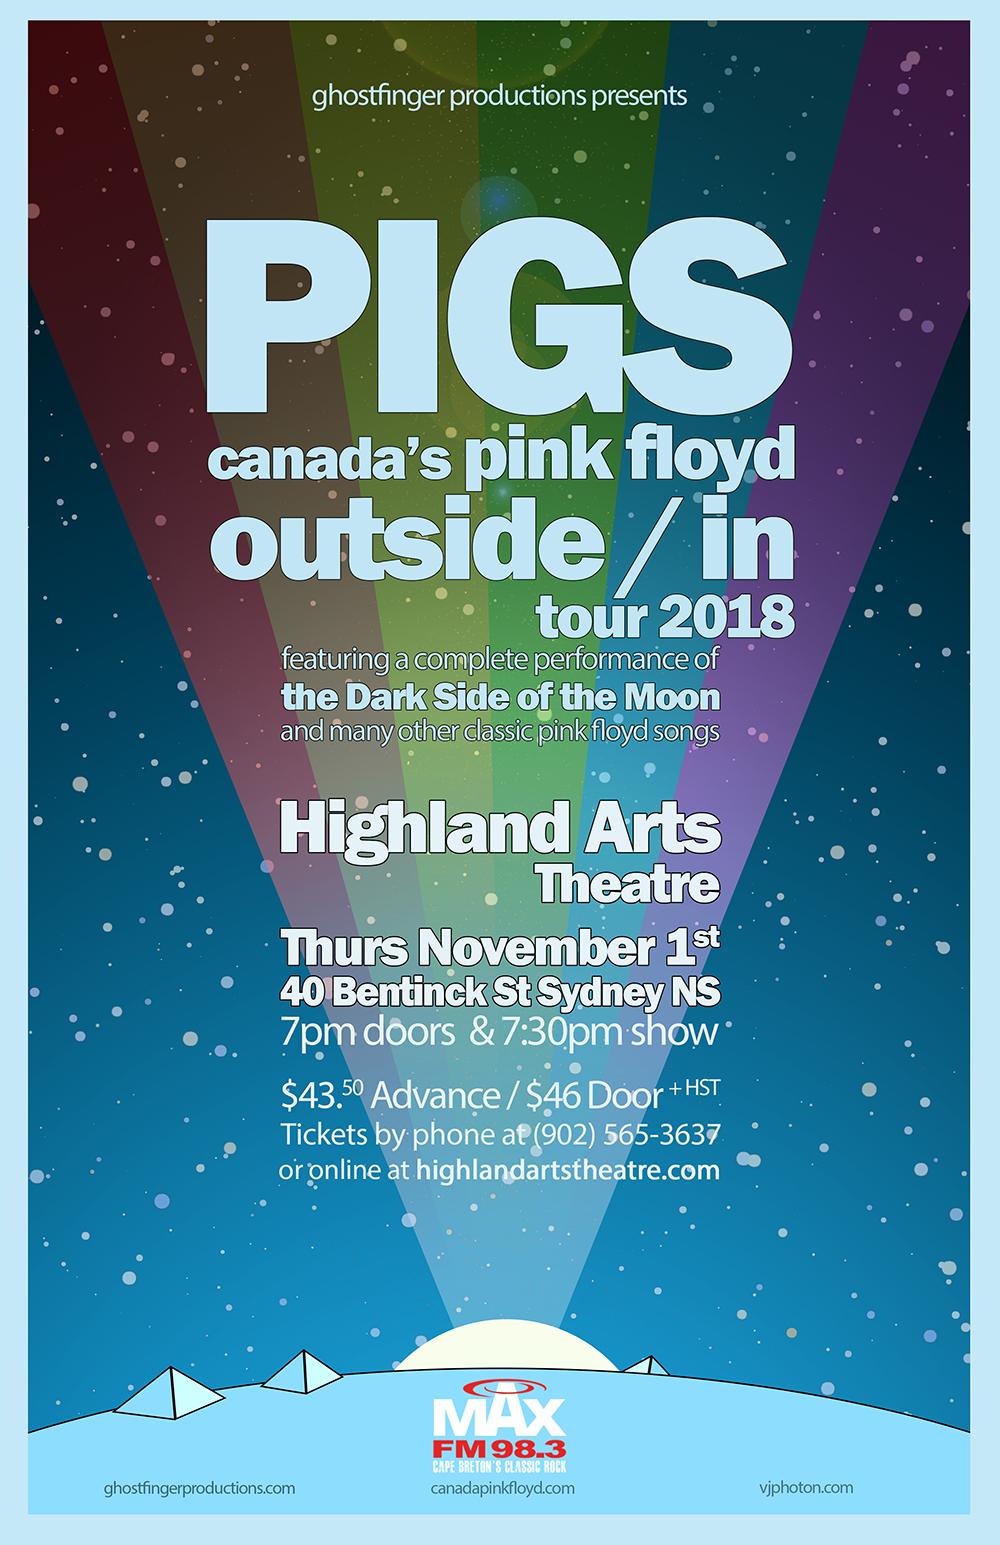 PIGS Outside In Sydney - sm.jpg